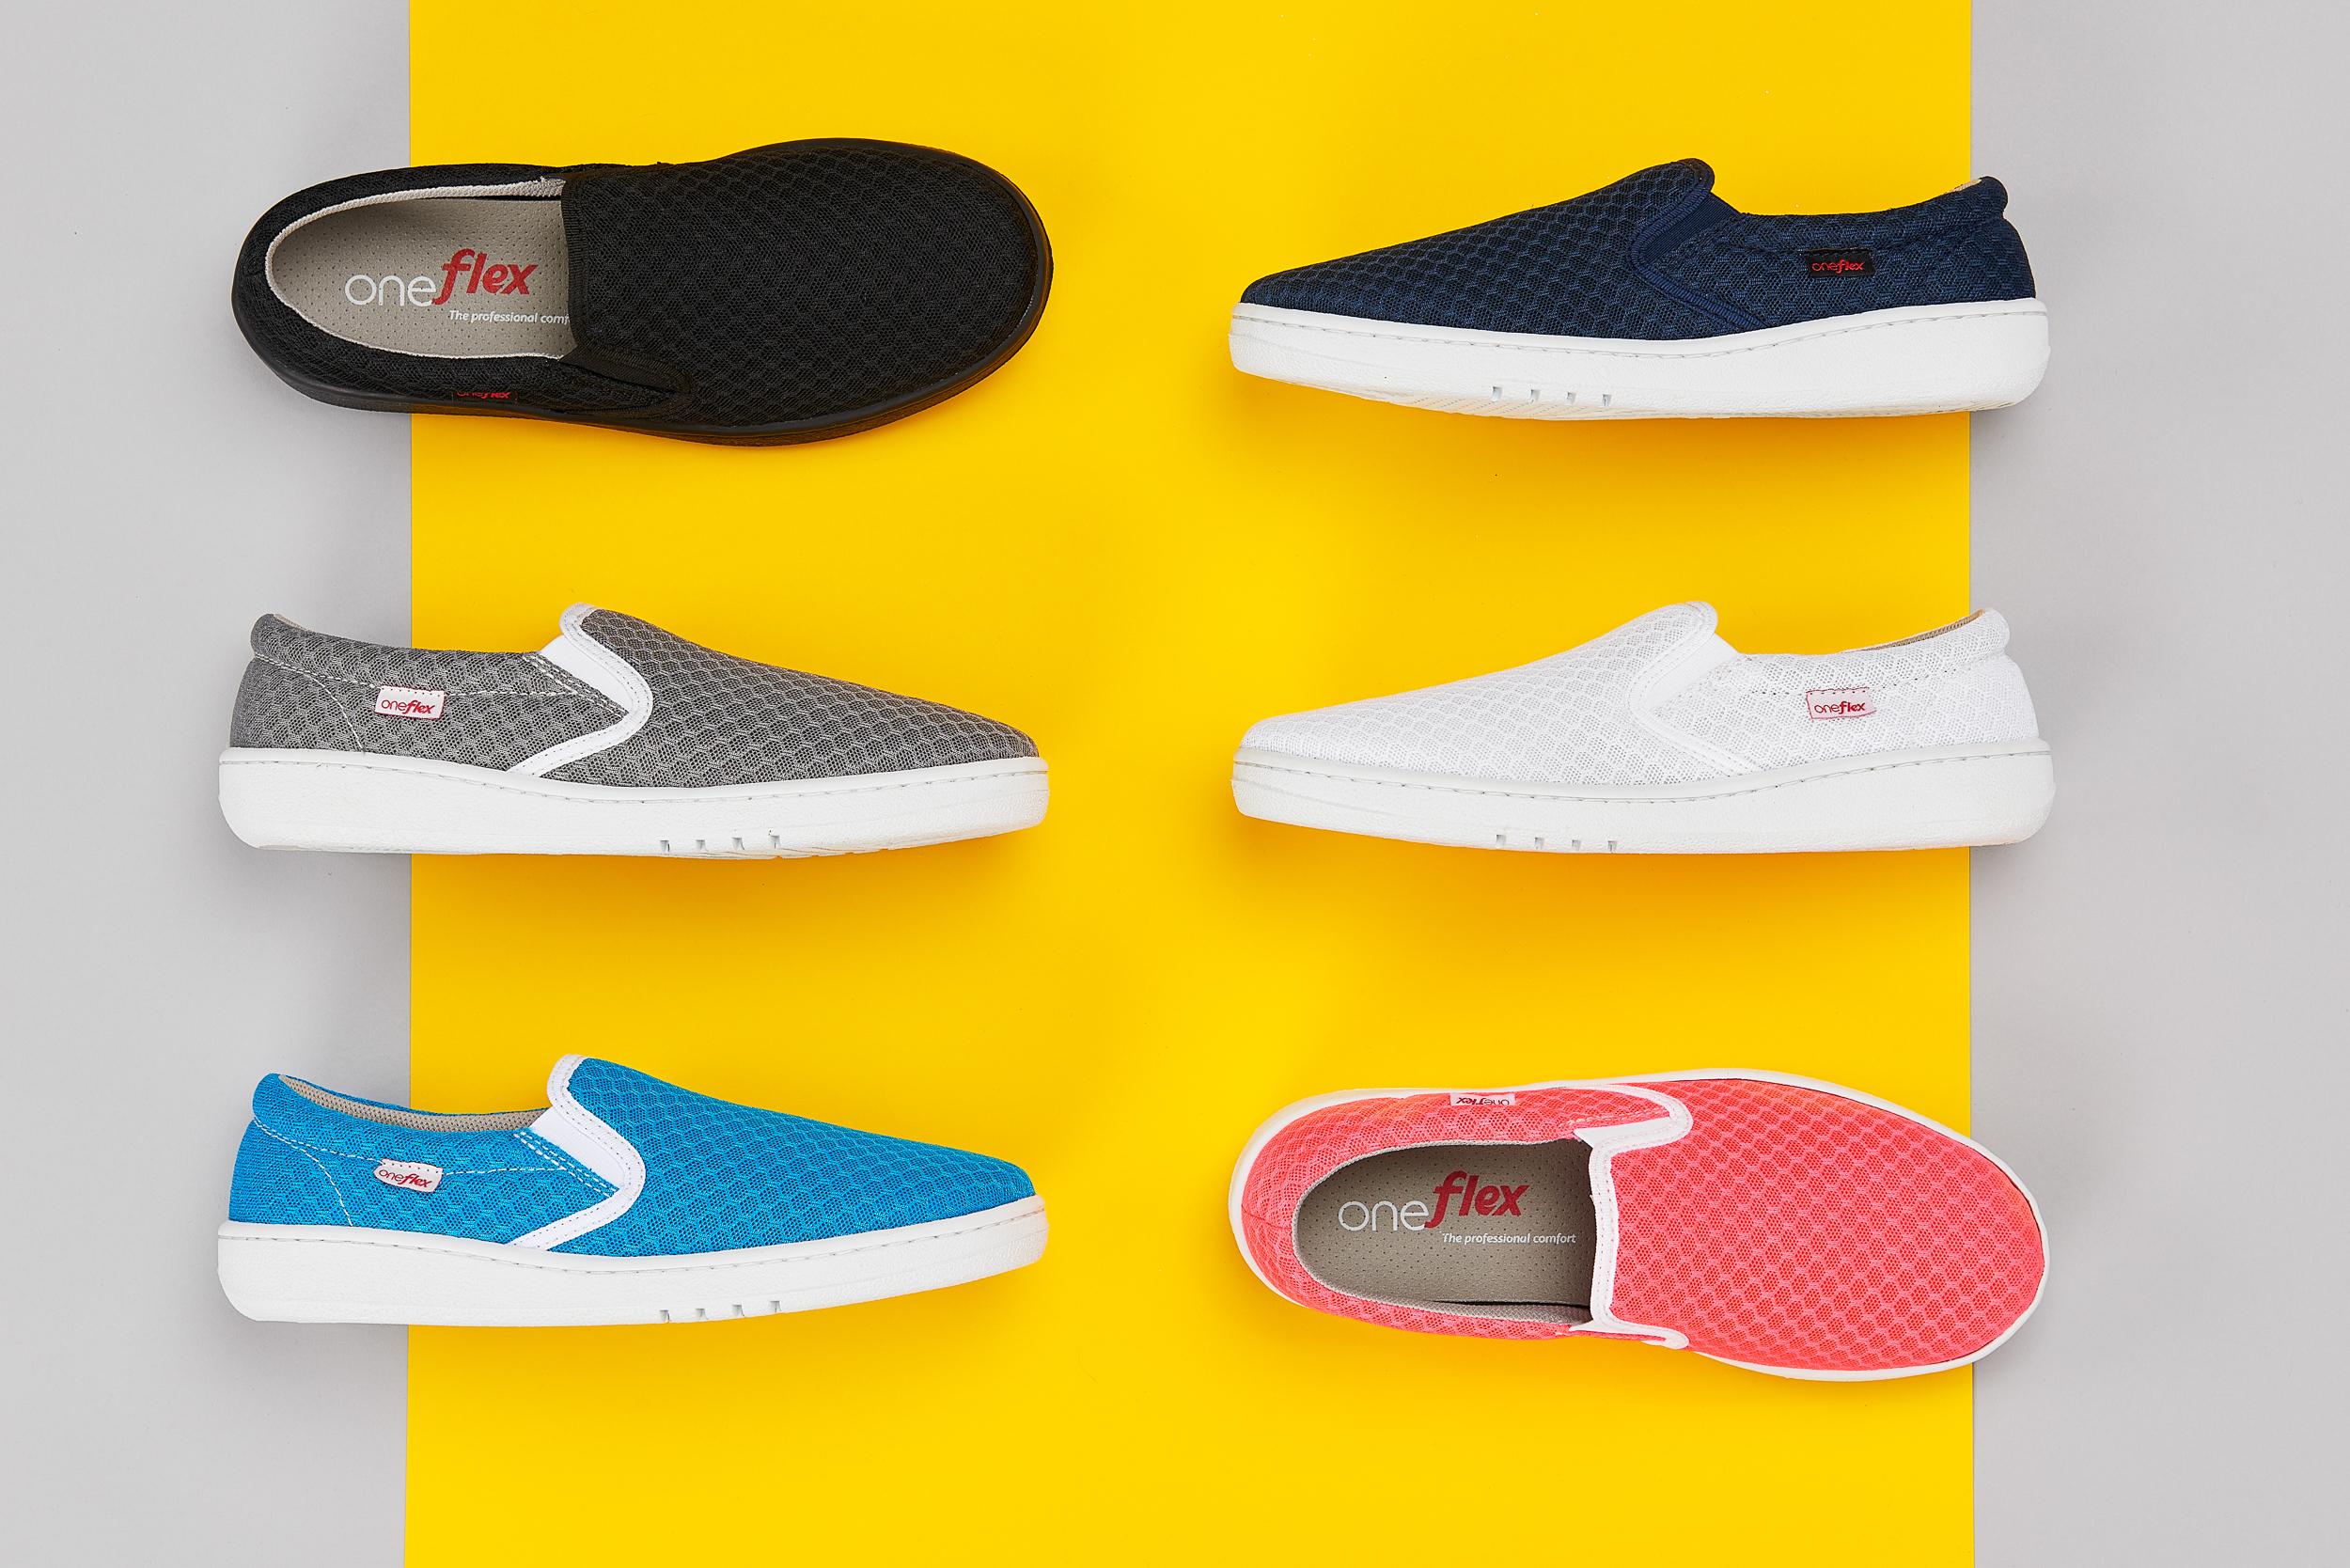 patrones de moda mejor precio muy genial Oneflex - The professional comfort | zapatillas deportivas ...